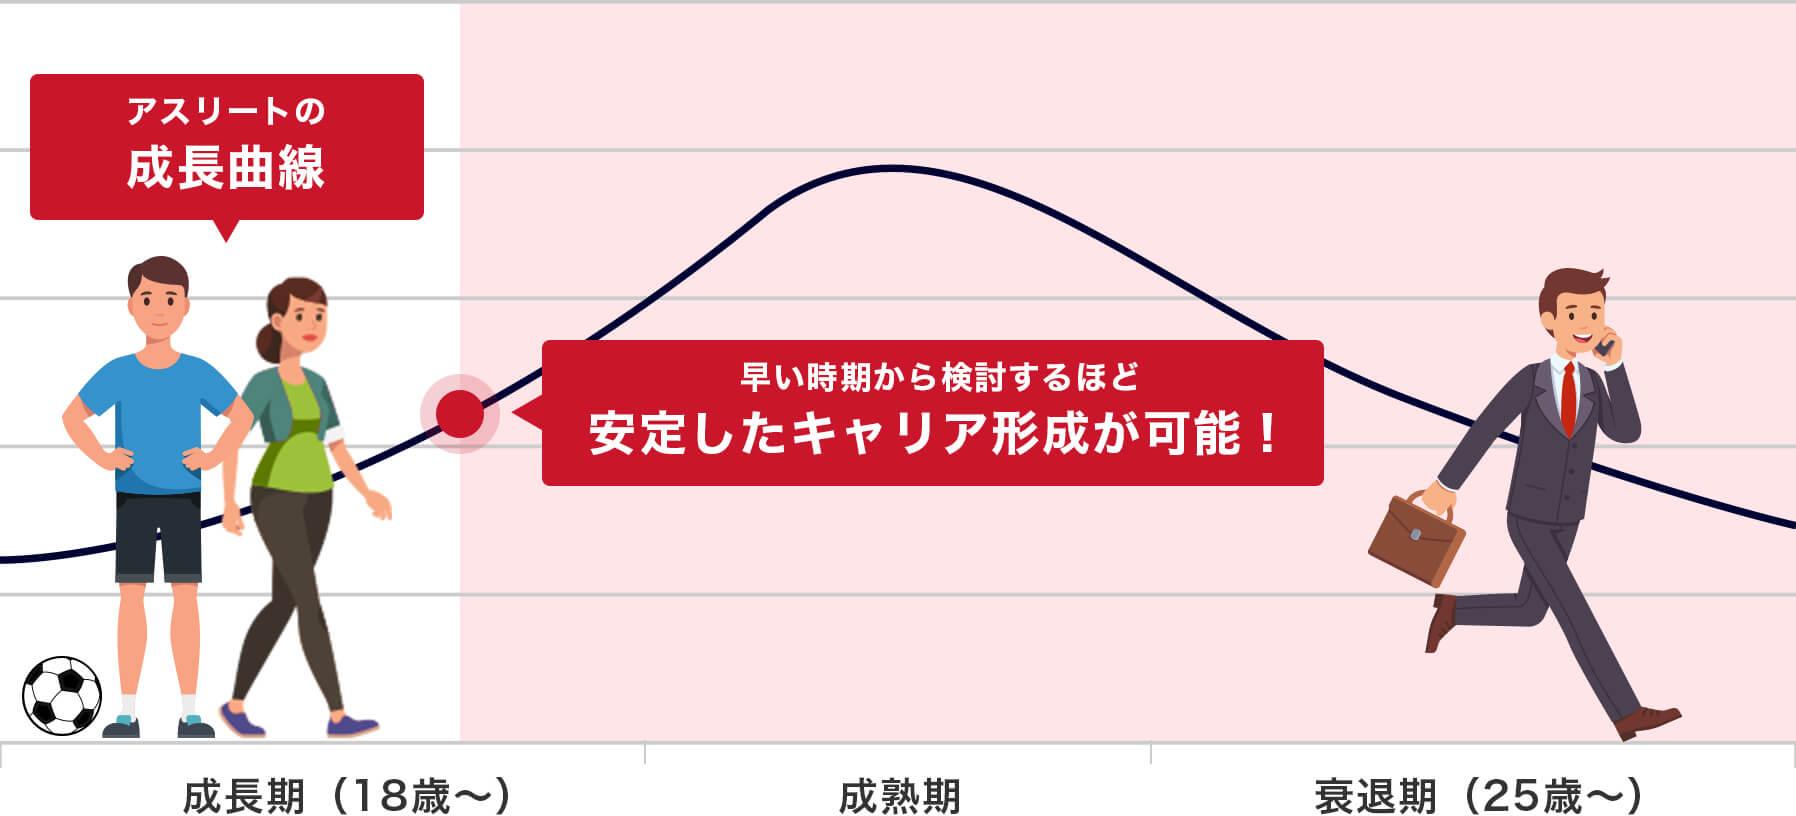 アスリートの成長曲線とデュアルキャリアを考え始める時期の図